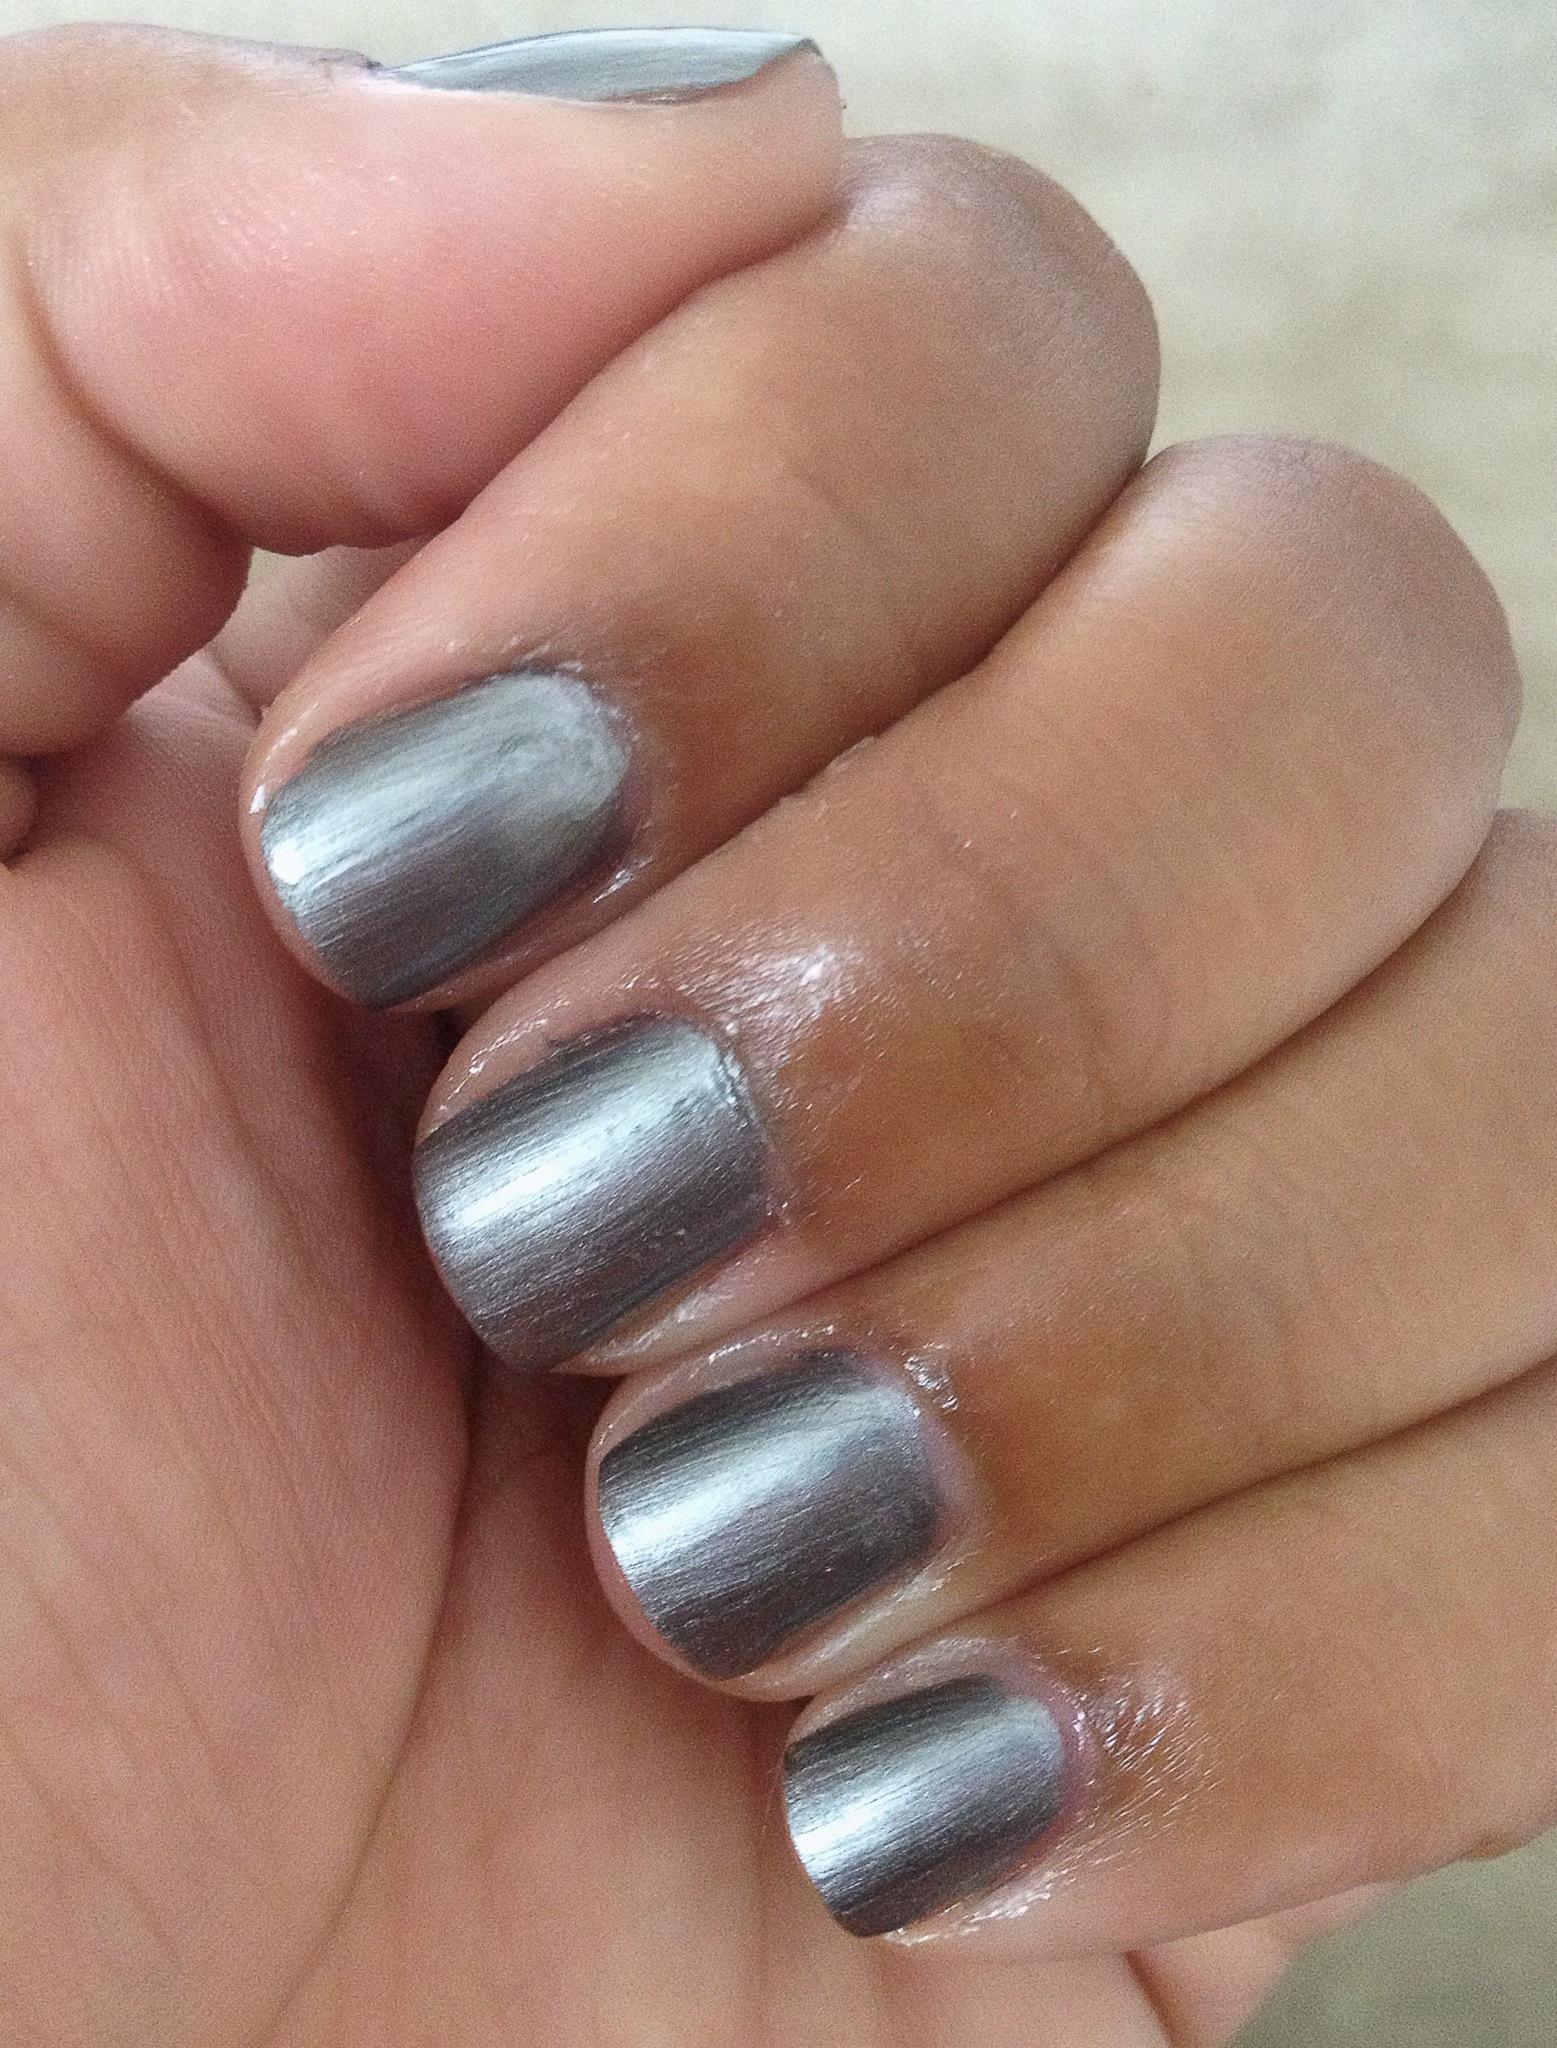 New fall nail polish colors – AGlanceThisWay